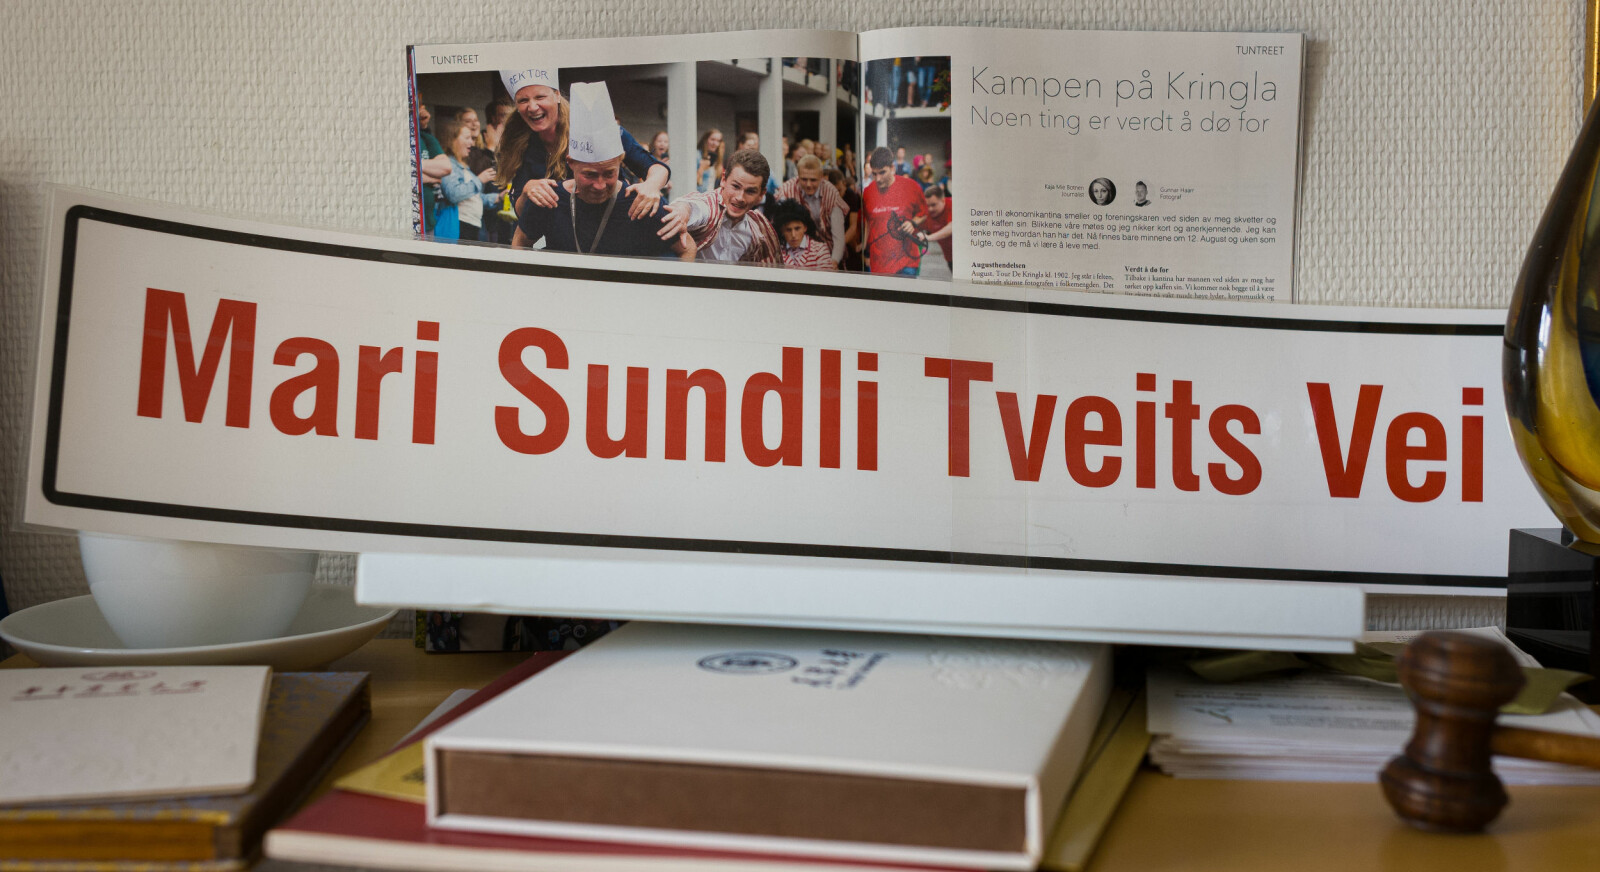 Det Mari Sundli Tveit vil savne mest er samarbeidet med studentene. På kontoret hennes er det mange små ting som vitener om det. Blant annet dette skiltet, som ble brukt i en aksjon en gang for å markere at det er få bygg og veier på campus som er oppkalt etter kvinner. Foto: Siri Øverland Eriksen